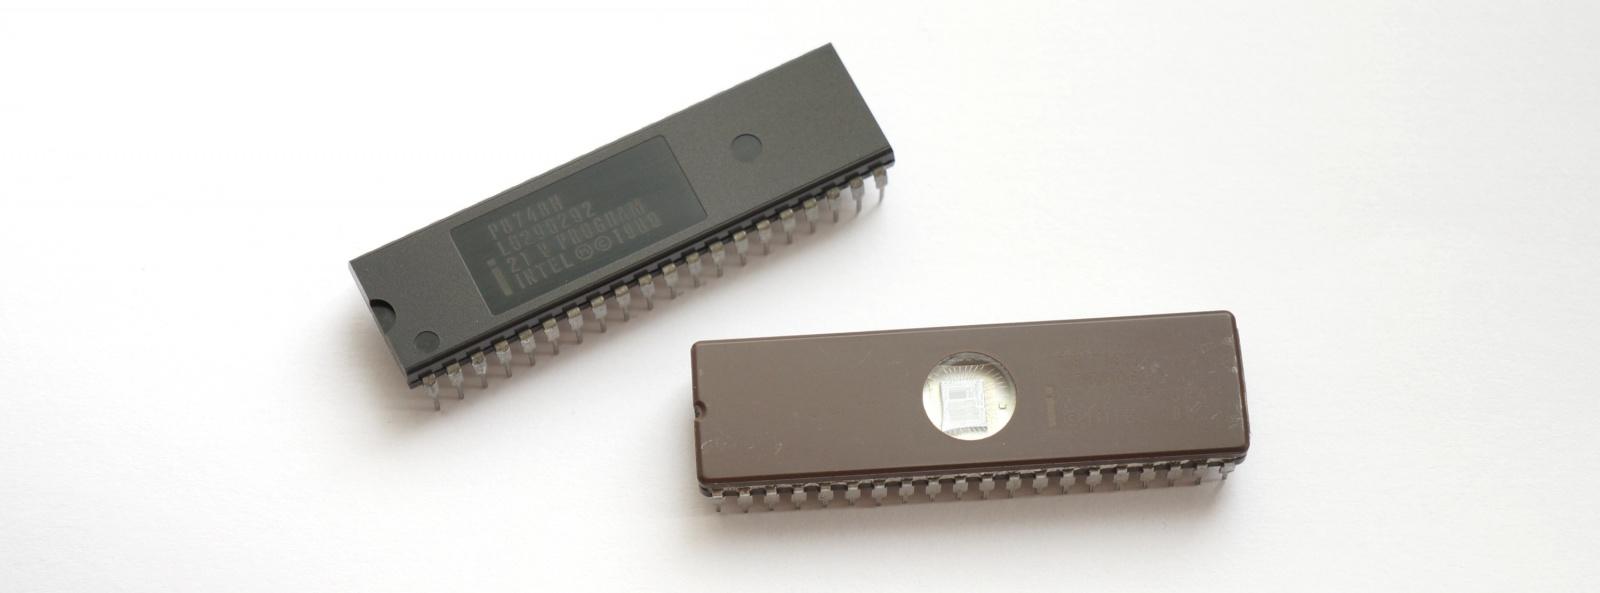 Ретро-разработка для первой портативной консоли из далекого 1979 года - 8